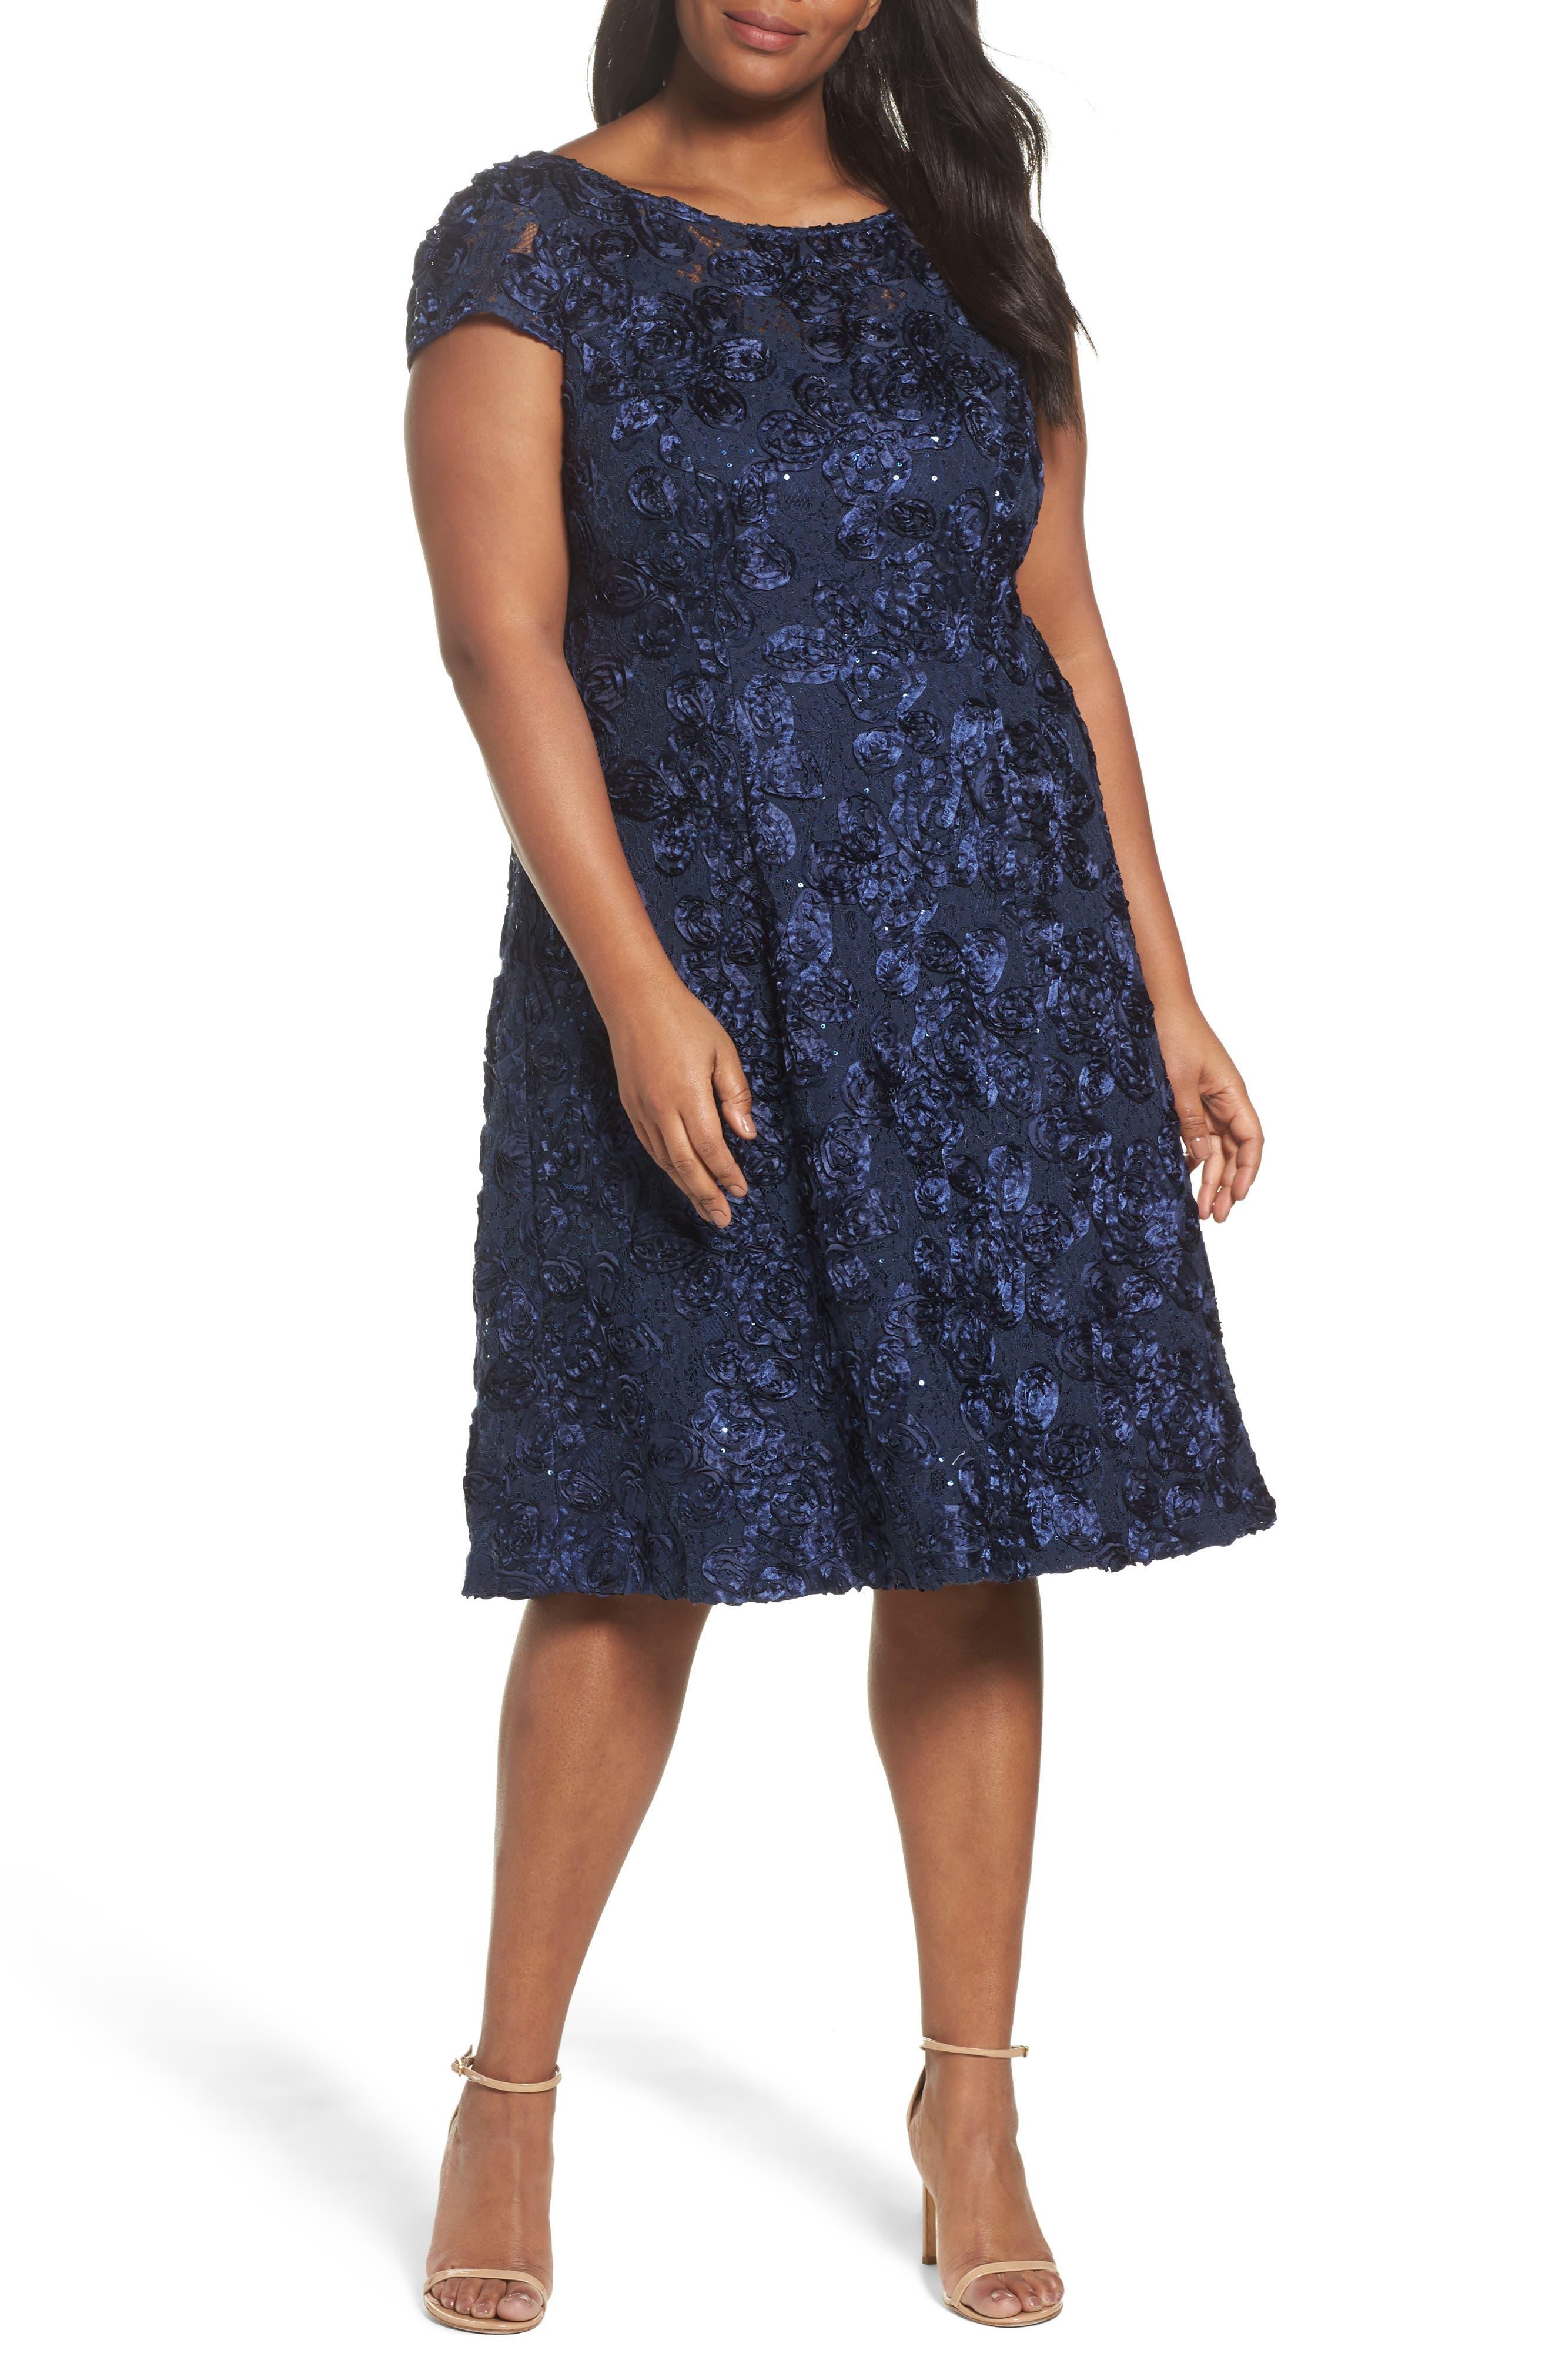 Sequin Lace Cocktail Dress